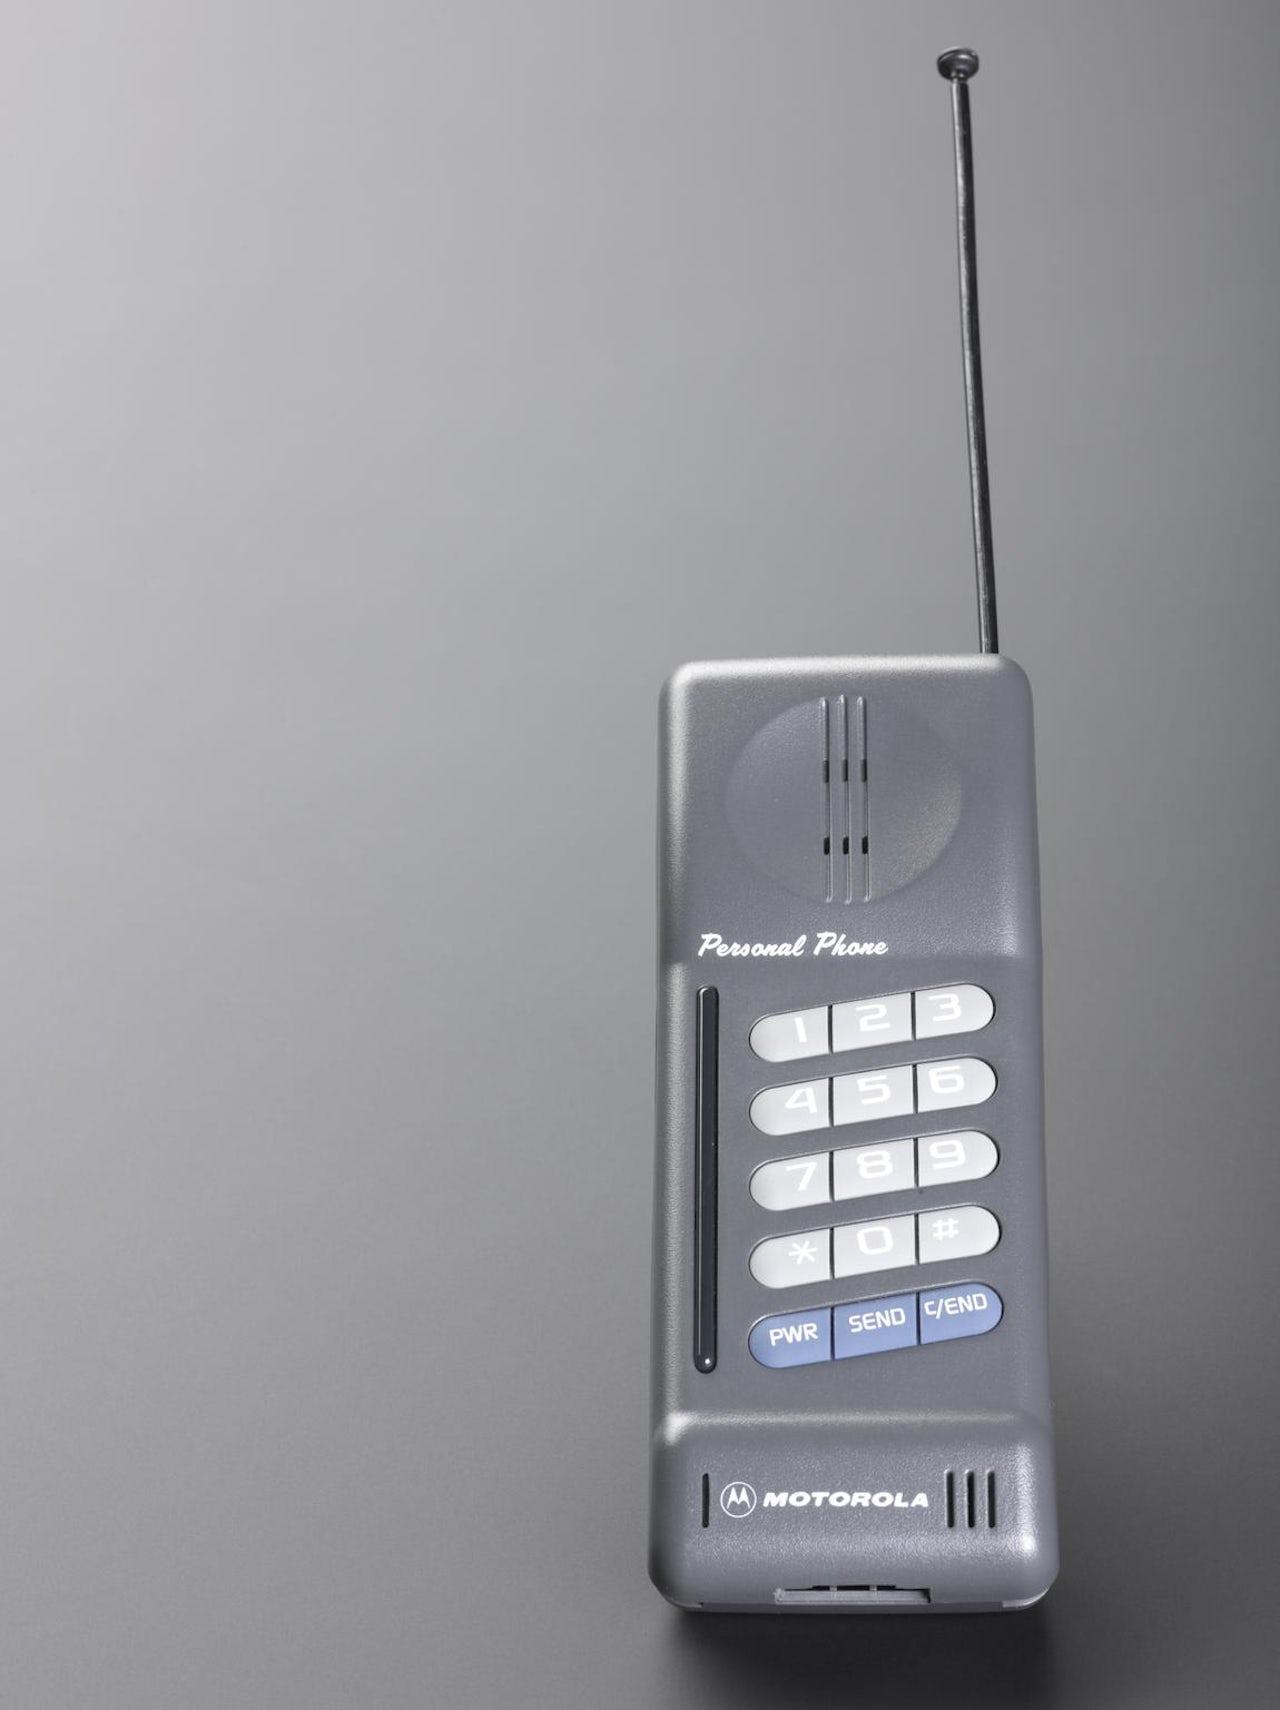 Motorola Personal Phone (1993)